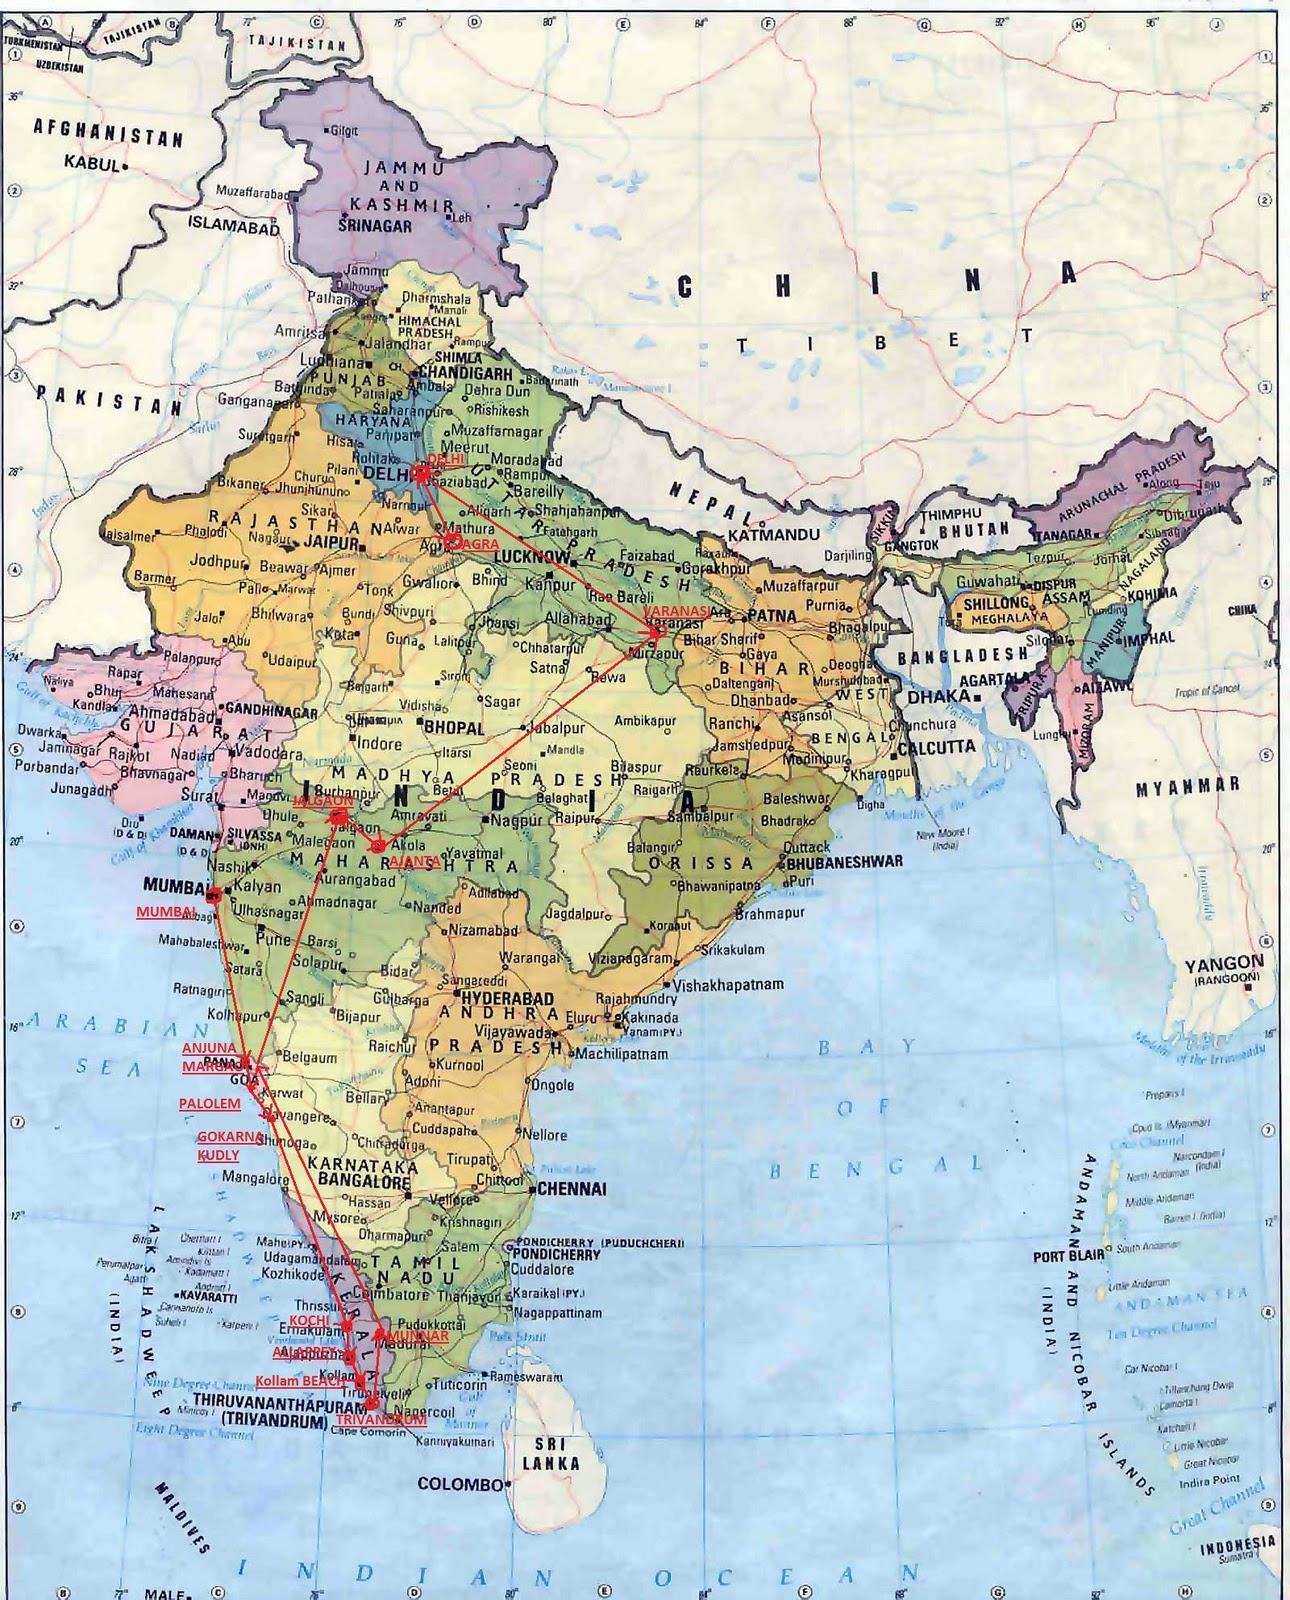 Korpin Siivin Plussapallero Intian Kartta